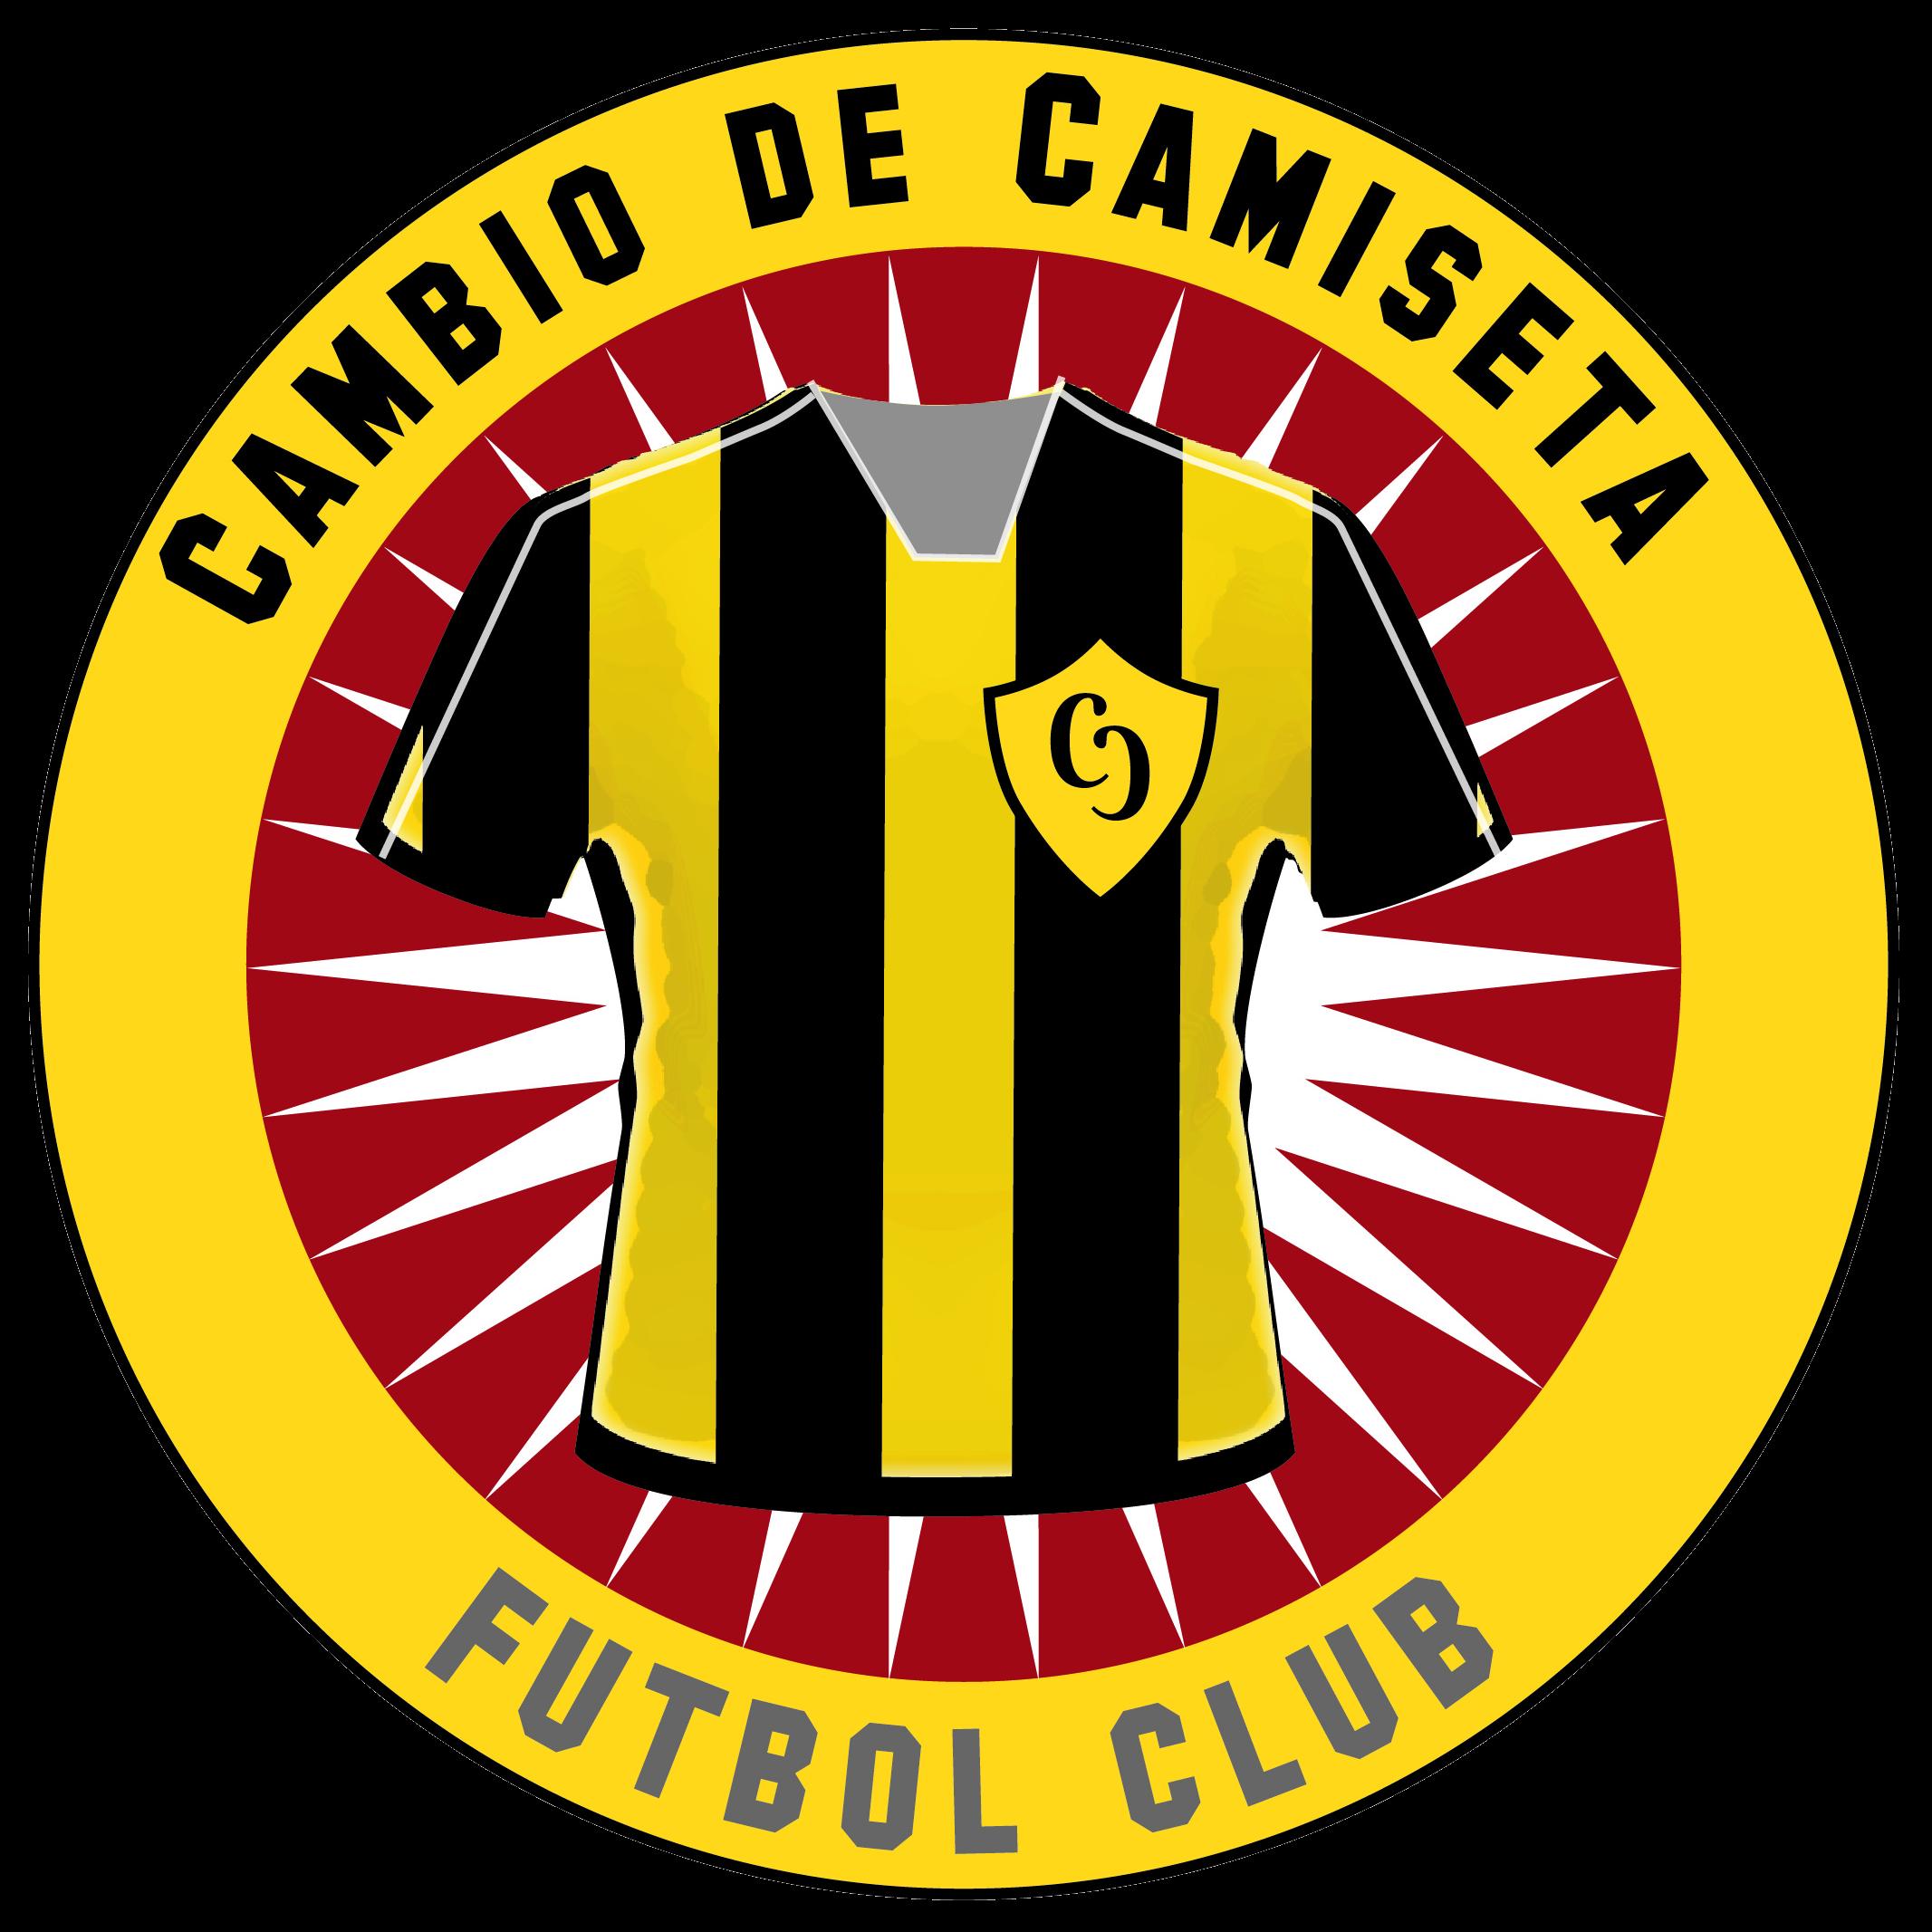 Logo: Cambio de Camiseta